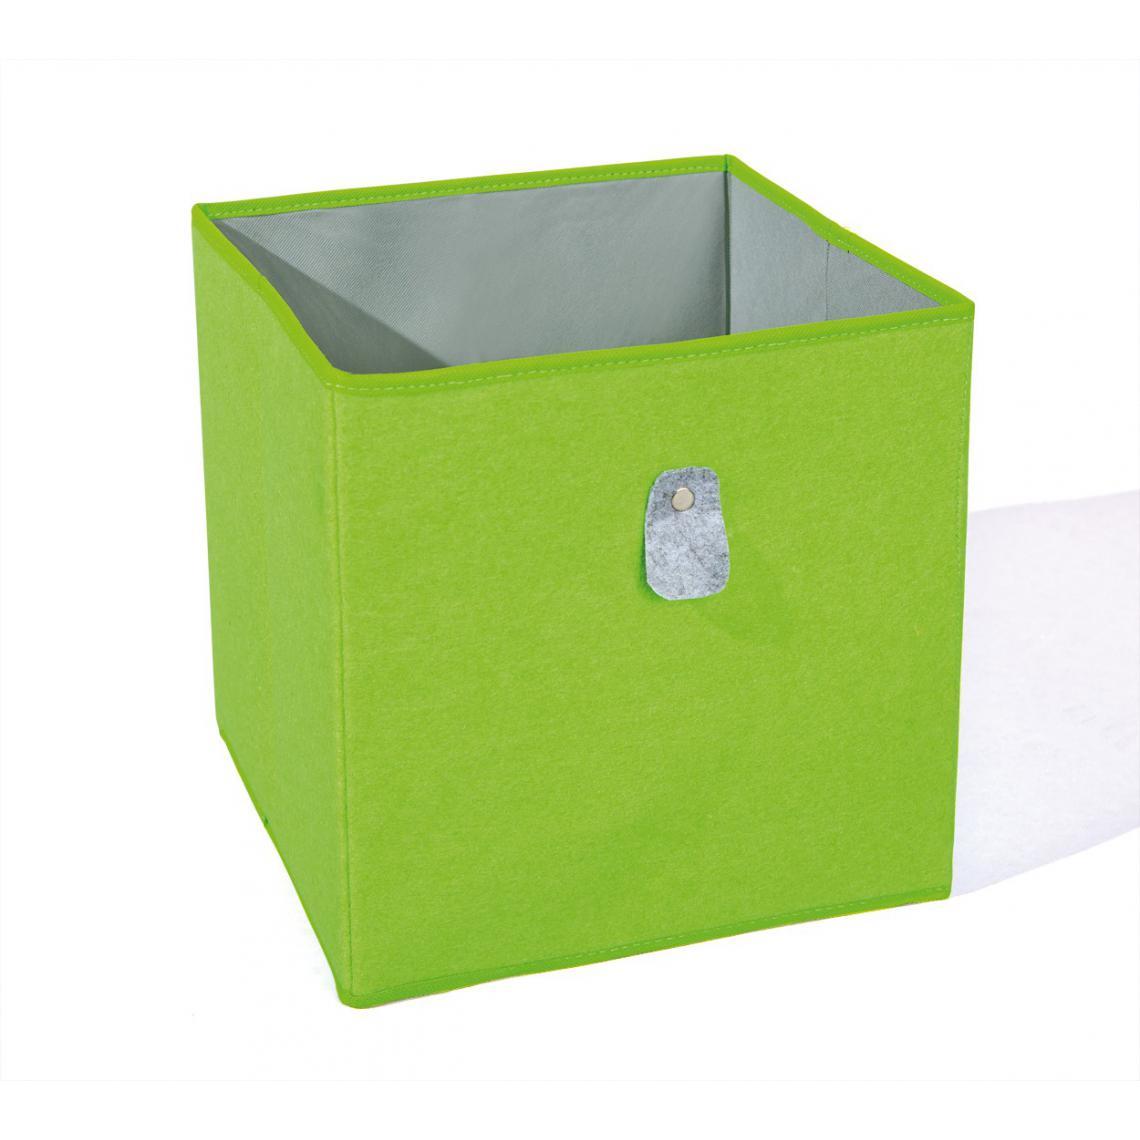 Boite De Rangement Verte et Grise JOLLY - Boîte de Rangement Pas Cher